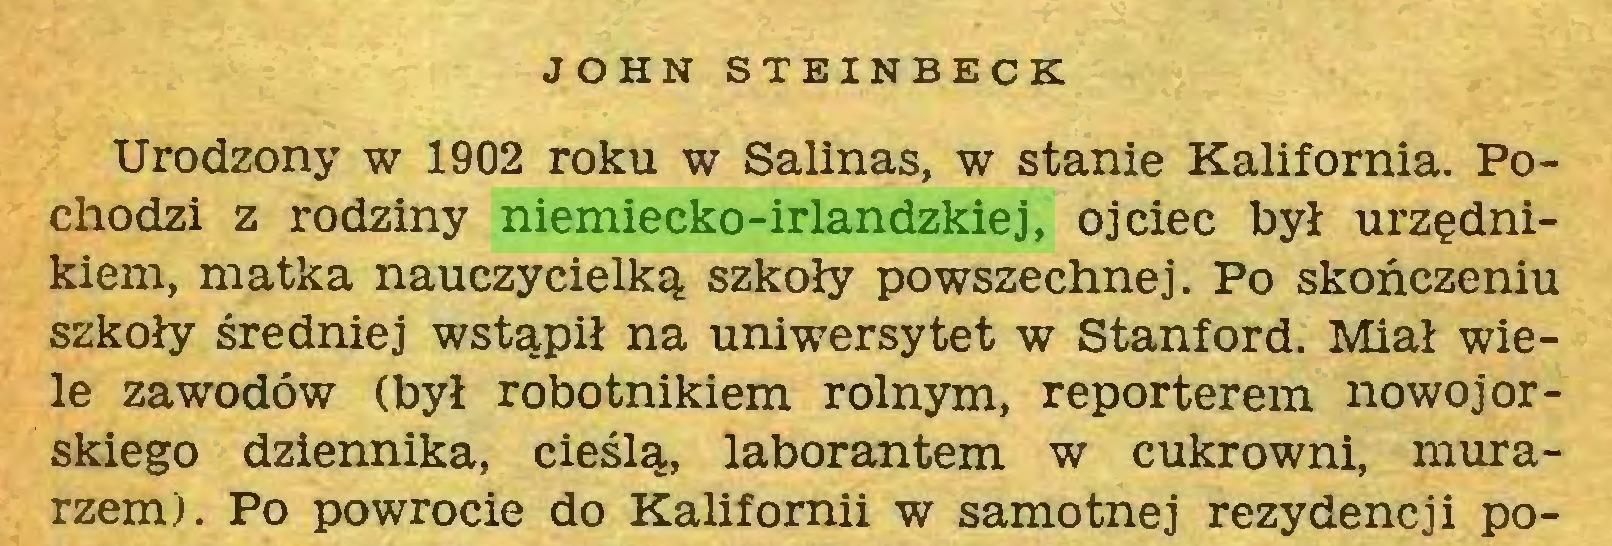 (...) JOHN STEINBECK Urodzony w 1902 roku w Salinas, w stanie Kalifornia. Pochodzi z rodziny niemiecko-irlandzkiej, ojciec był urzędnikiem, matka nauczycielką szkoły powszechnej. Po skończeniu szkoły średniej wstąpił na uniwersytet w Stanford. Miał wiele zawodów (był robotnikiem rolnym, reporterem nowojorskiego dziennika, cieślą, laborantem w cukrowni, murarzem). Po powrocie do Kalifornii w samotnej rezydencji po...